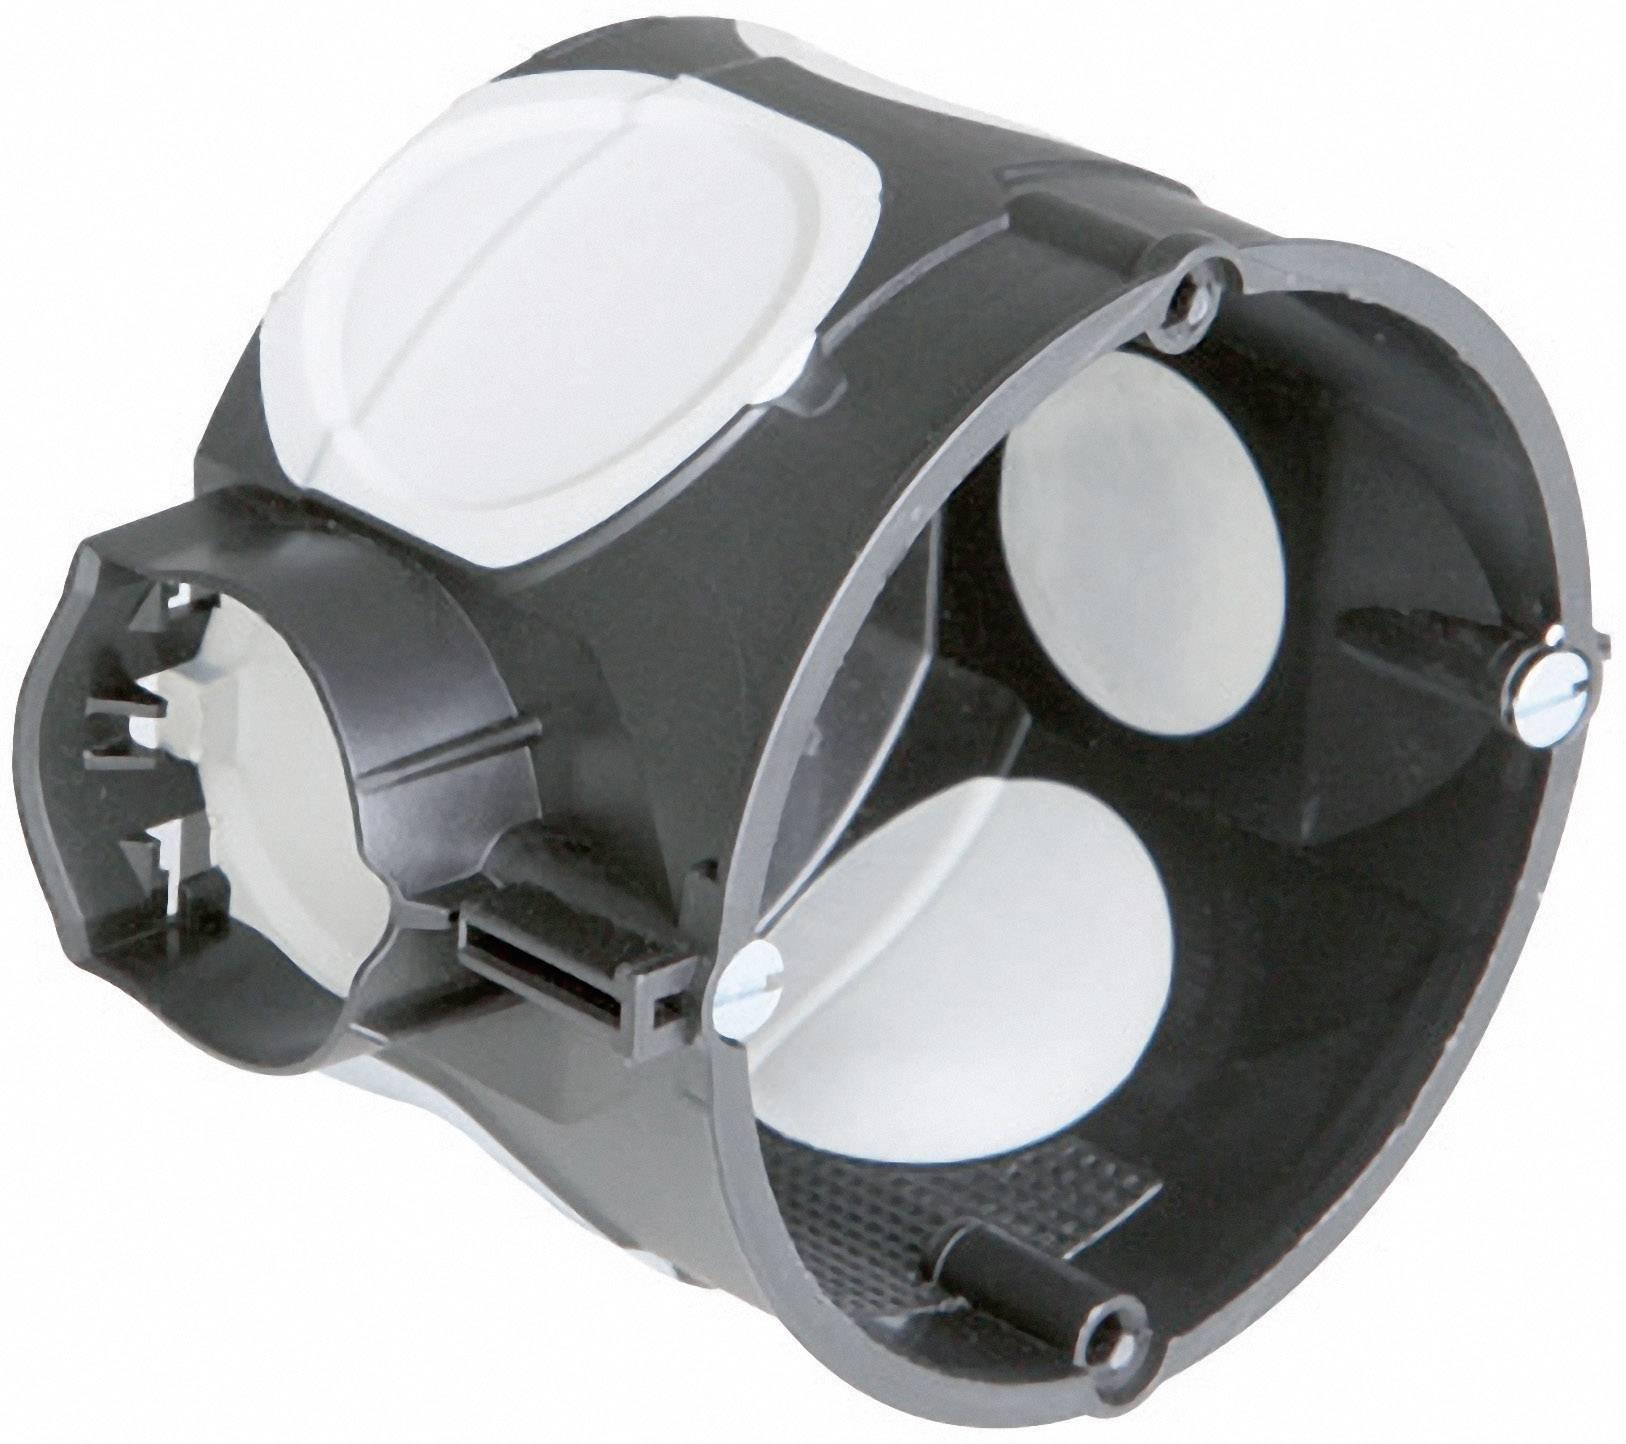 Inštalačná krabica Kaiser Elektro ECON 10, 1056-21, 46 x 60 mm, vrátane skrutiek, čierna